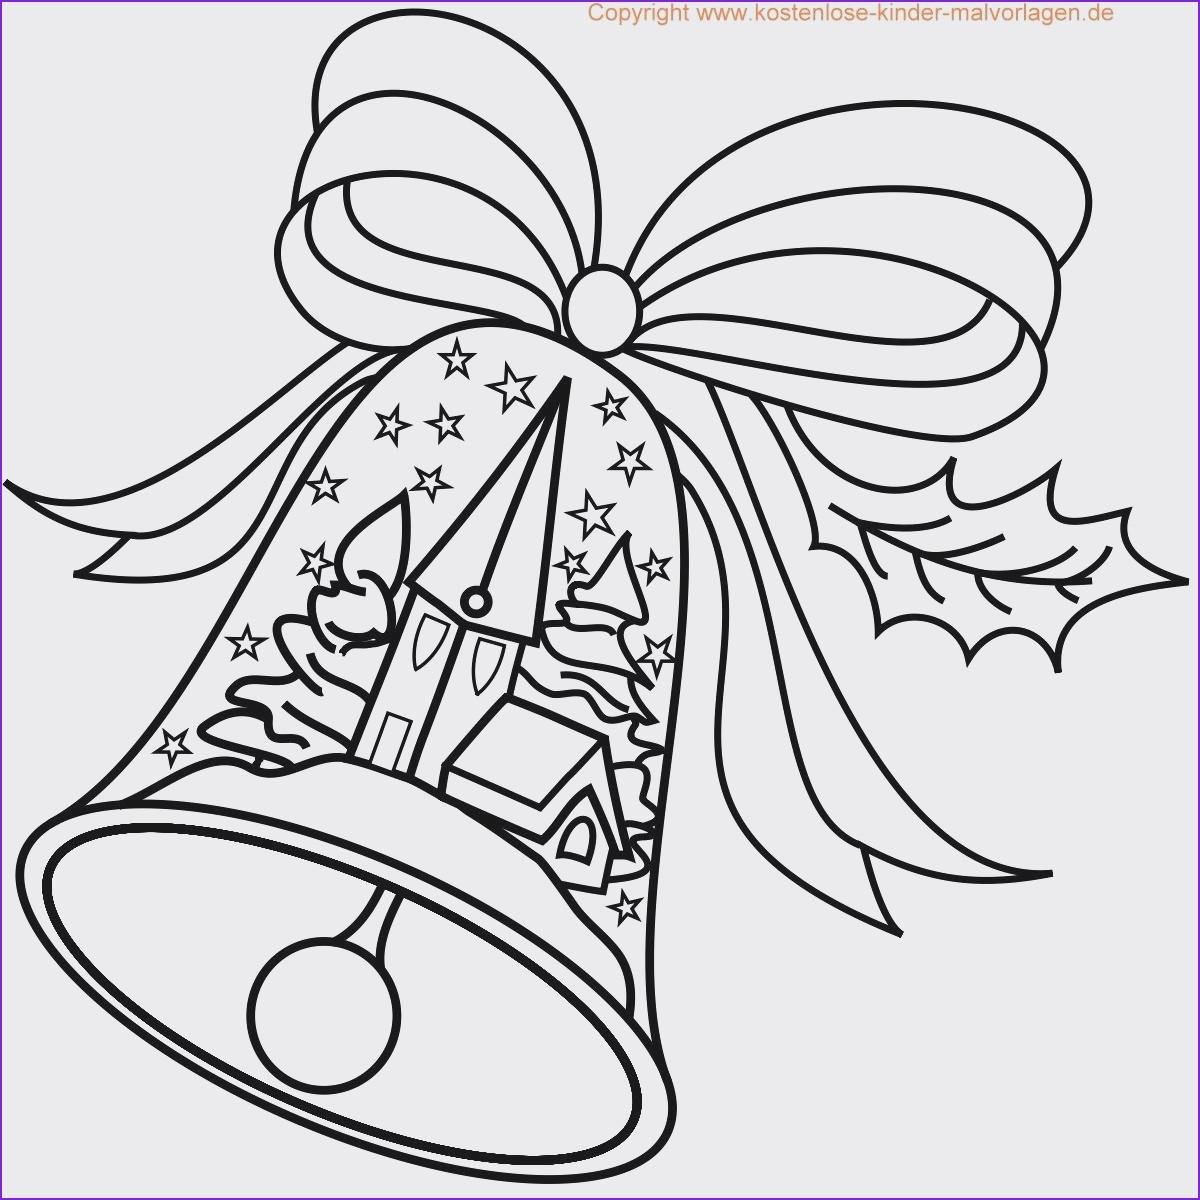 Ausmalbild Rabe socke Neu Kinder Malvorlagen Beispielbilder Färben Rabe socke Ausmalbilder 10 Bilder